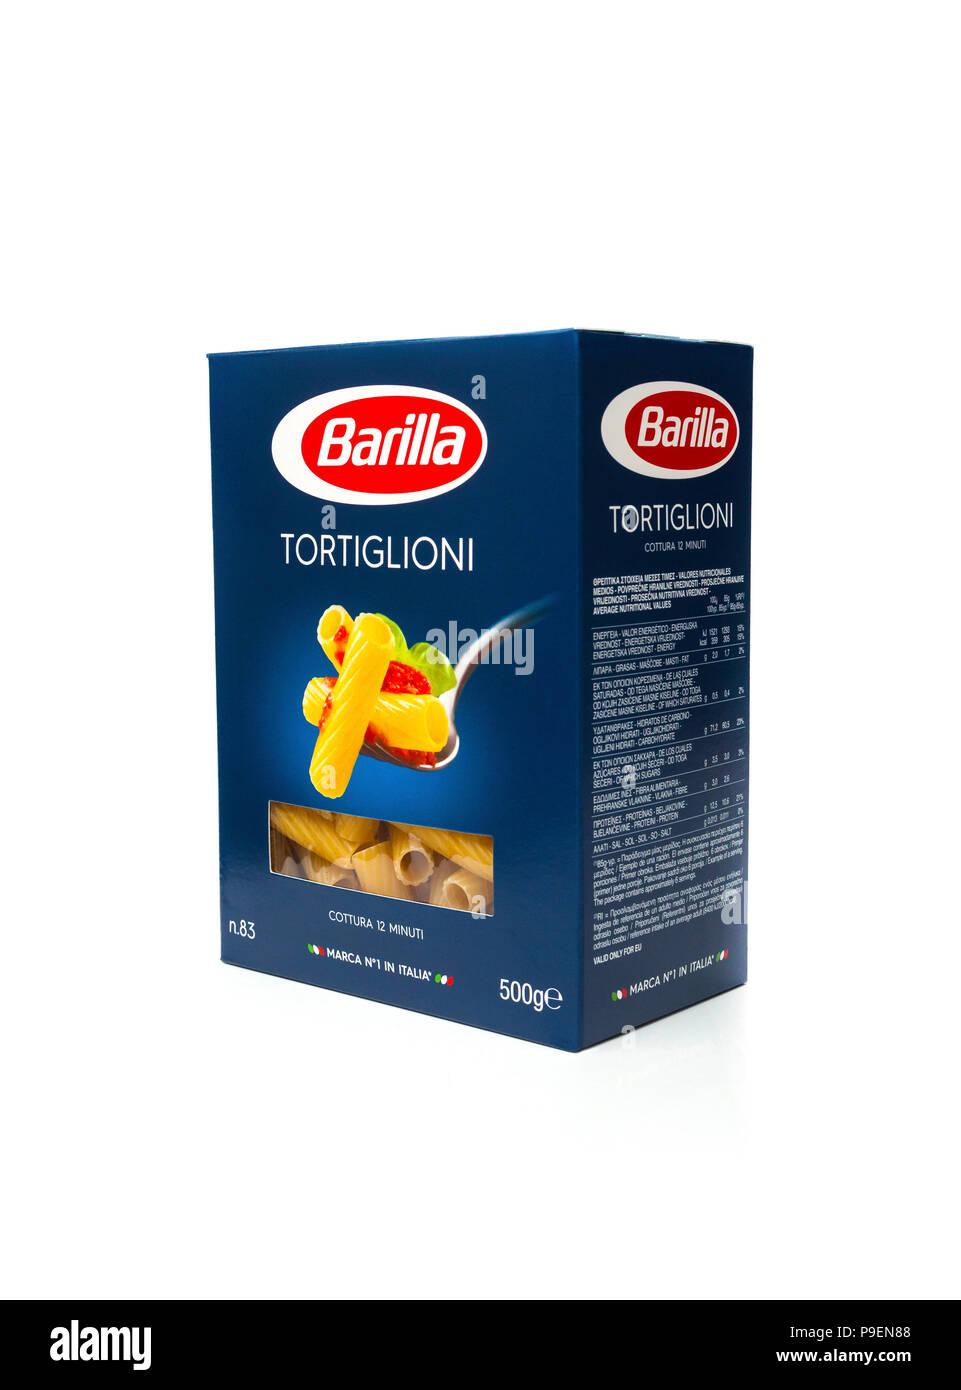 Barilla Tortiglioni Italian pasta in a box - Stock Image